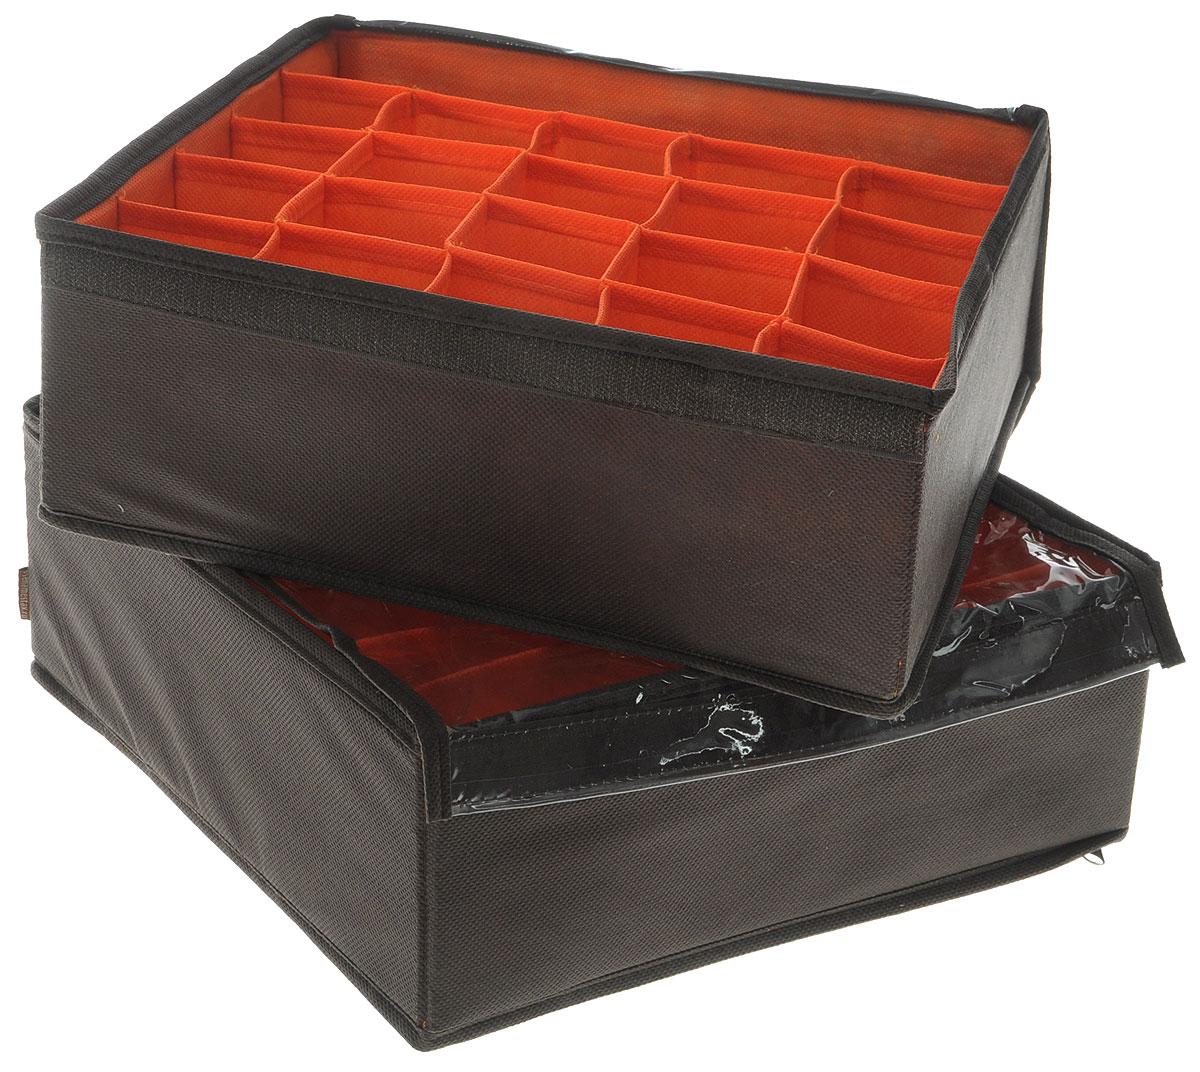 Набор органайзеров для белья Все на местах Классика, с крышкой, цвет: коричневый, оранжевый, 2 предмета1004900000360Набор состоит из двух органайзеров для хранения косметики и аксессуаров, а также белья.Изделия выполнены из высококачественного нетканого материала (спанбонда), которыйобеспечивает естественную вентиляцию, позволяя воздуху проникать внутрь, но не пропускаетпыль. Вставки из ПВХ хорошо держат форму.Набор органайзеров поможет привести элементы женского туалета или белья в порядок. Оригинальный дизайн придется по вкусу ценительницам эстетичного хранения. Размер органайзеров: 32 см х 32 см х 11 см.